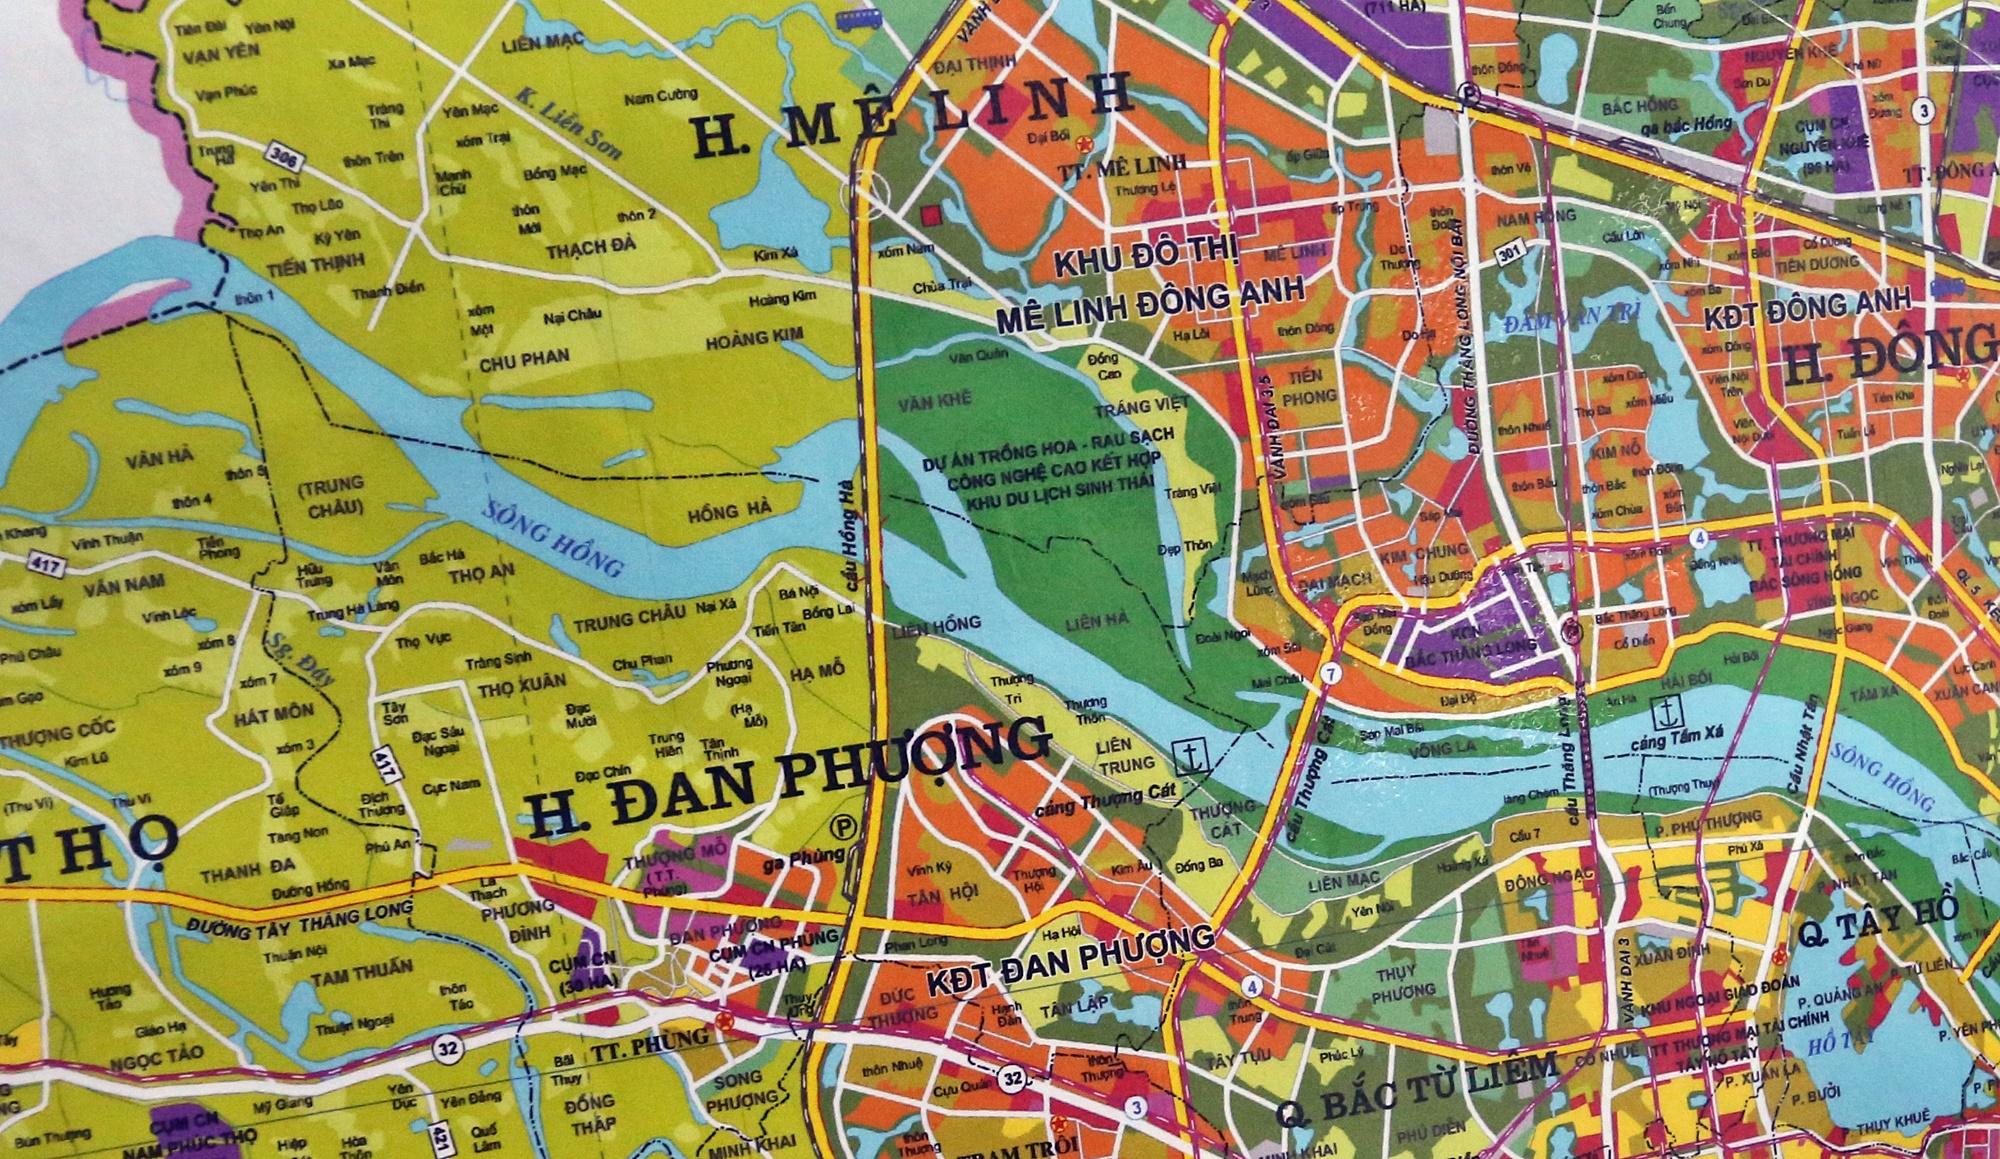 Cầu sẽ mở theo qui hoạch ở Hà Nội: Toàn cảnh vị trí làm cầu Hồng Hà nối Đan Phượng với Mê Linh - Ảnh 13.